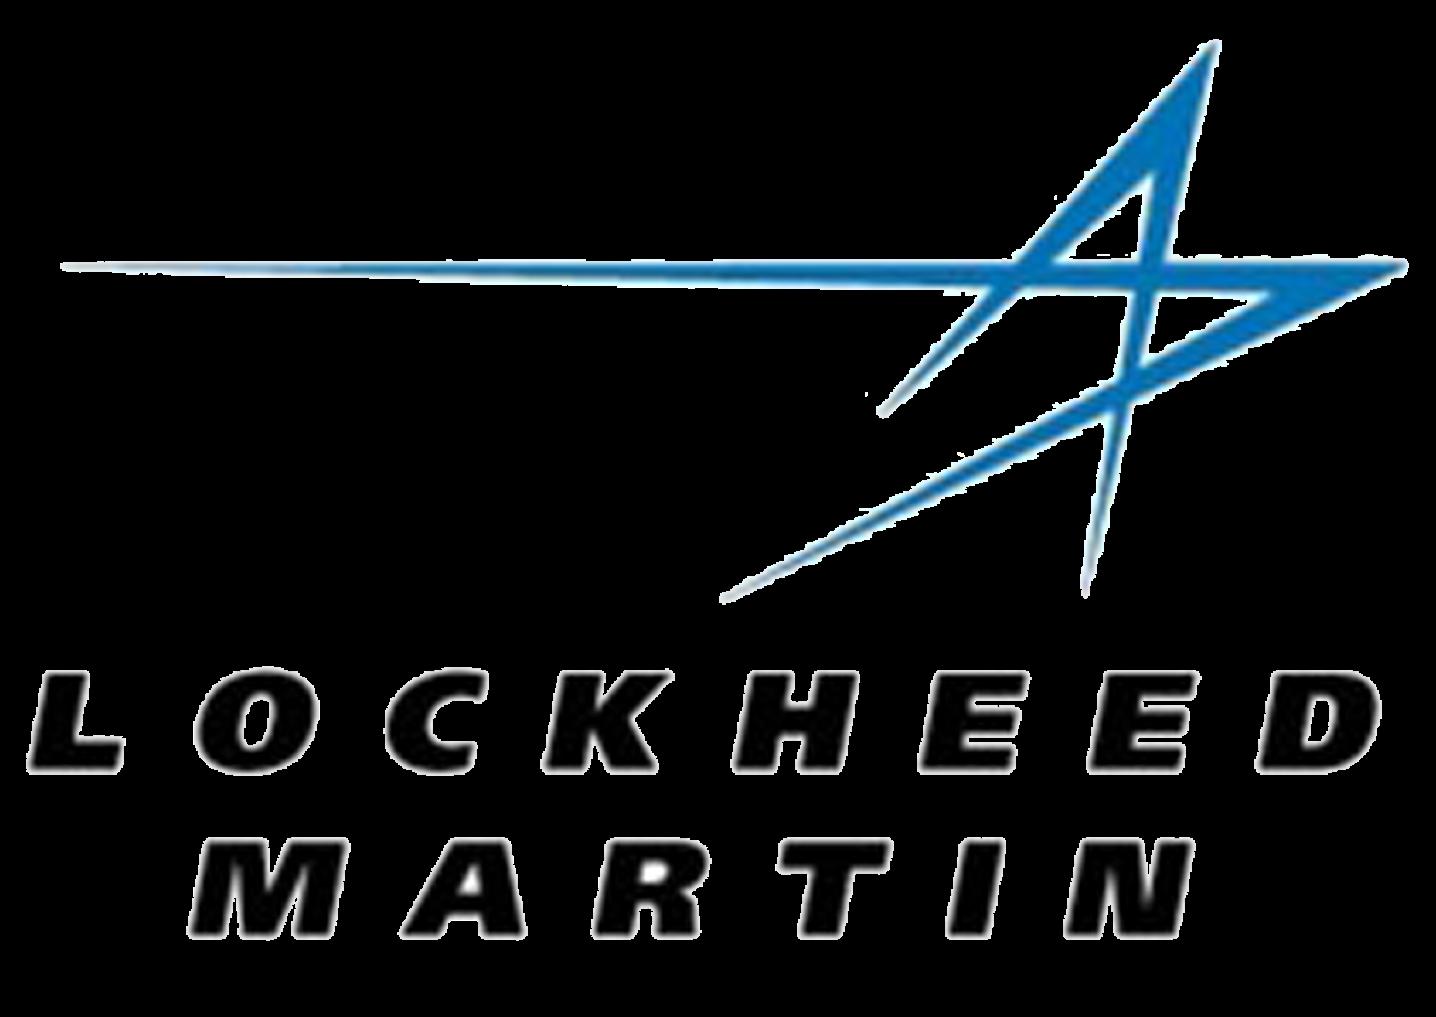 Lockheed Martin Makes Moves Abroad